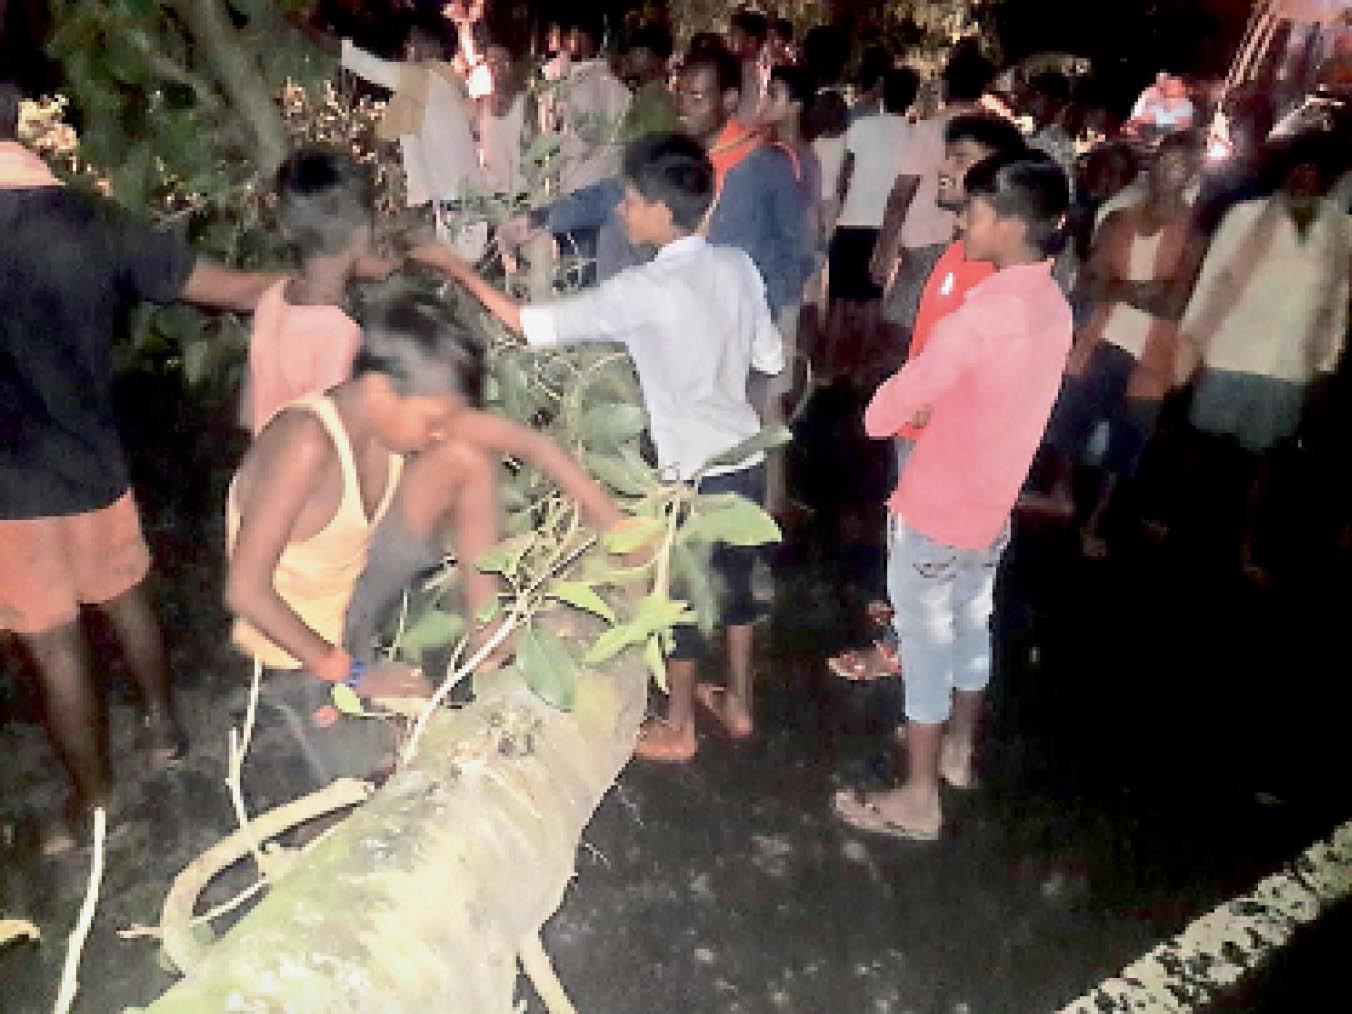 बछवाड़ा के गोधना पंचायत के एनएच 28 पर गिरा बरगद का पेड़। - Dainik Bhaskar